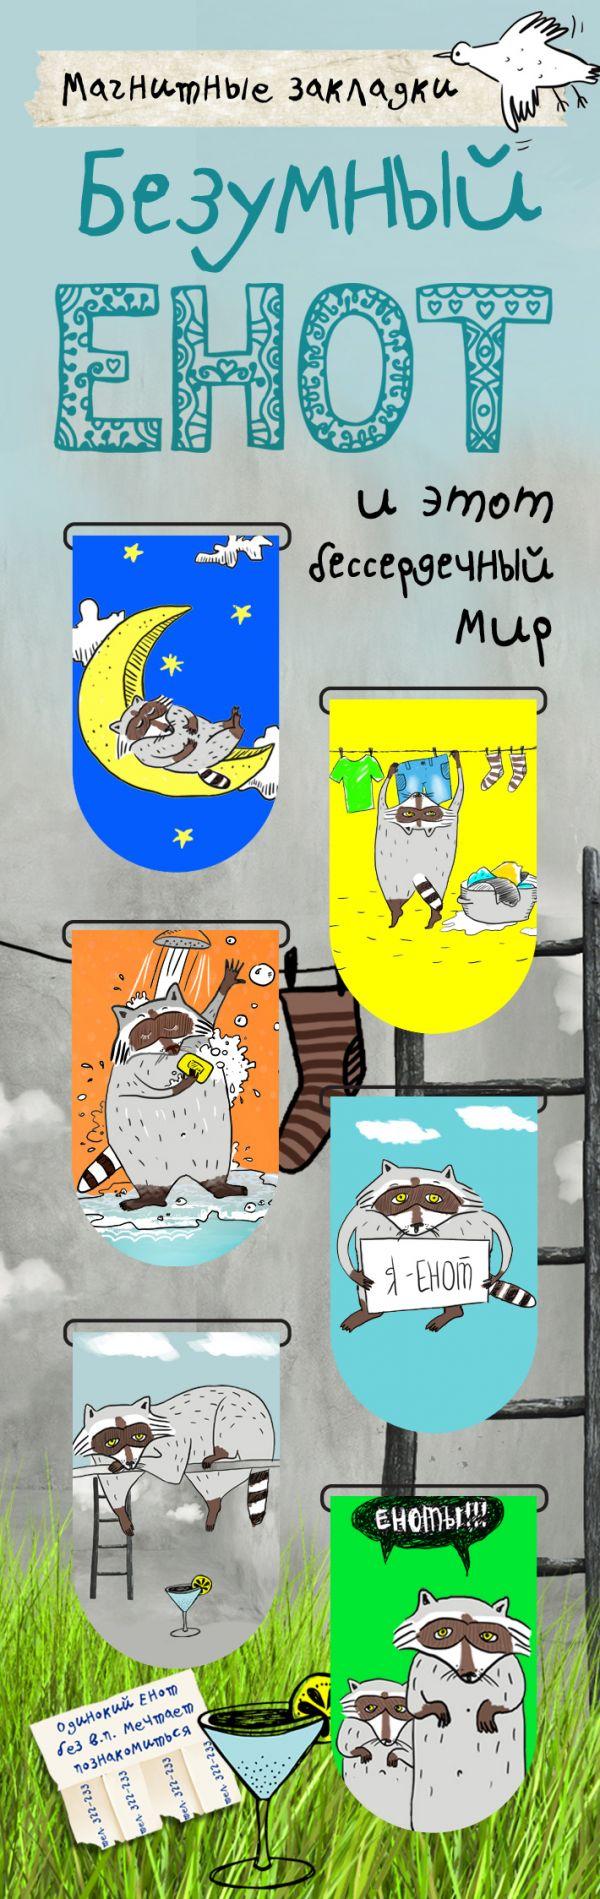 Магнитные закладки. Безумный енот и этот бессердечный мир (6 закладок полукругл.)